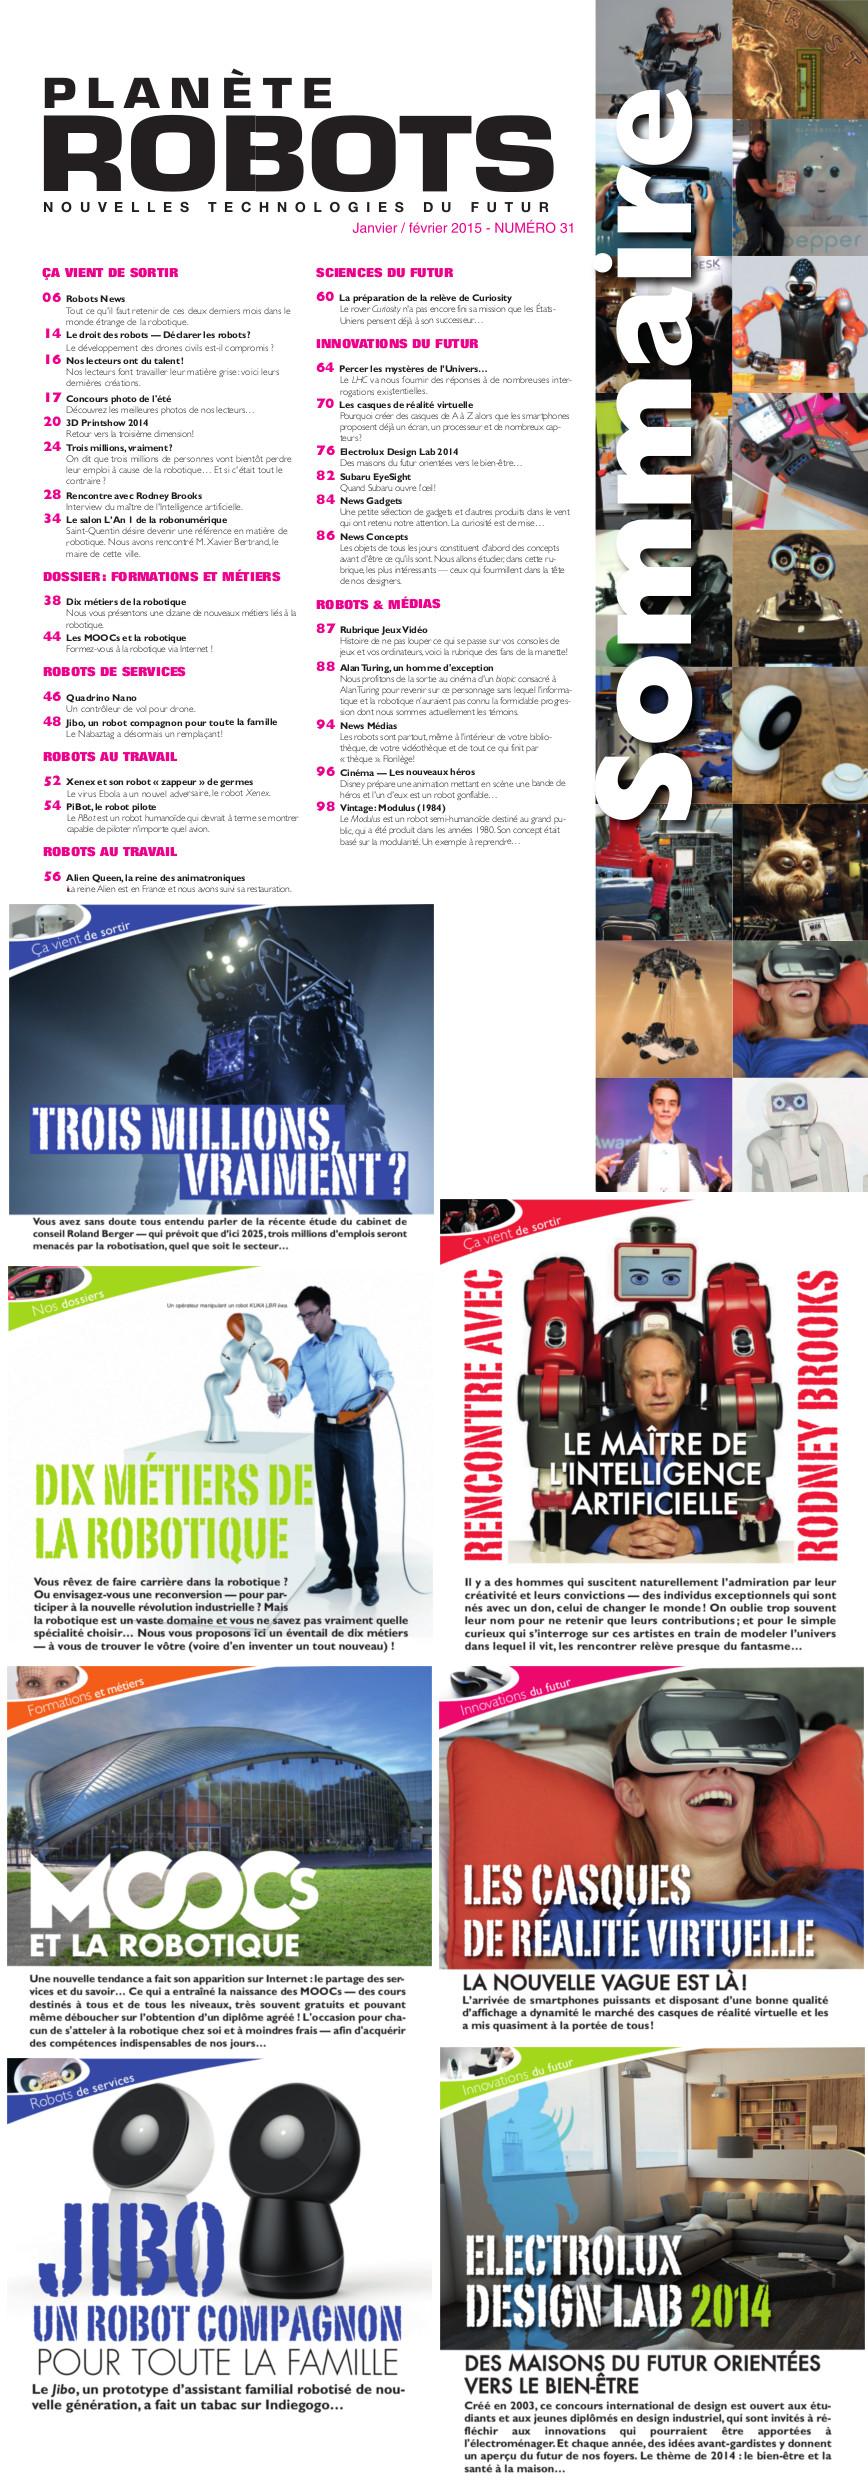 Magazine-robotique-Planète-Robots-Numero-31-Apercu